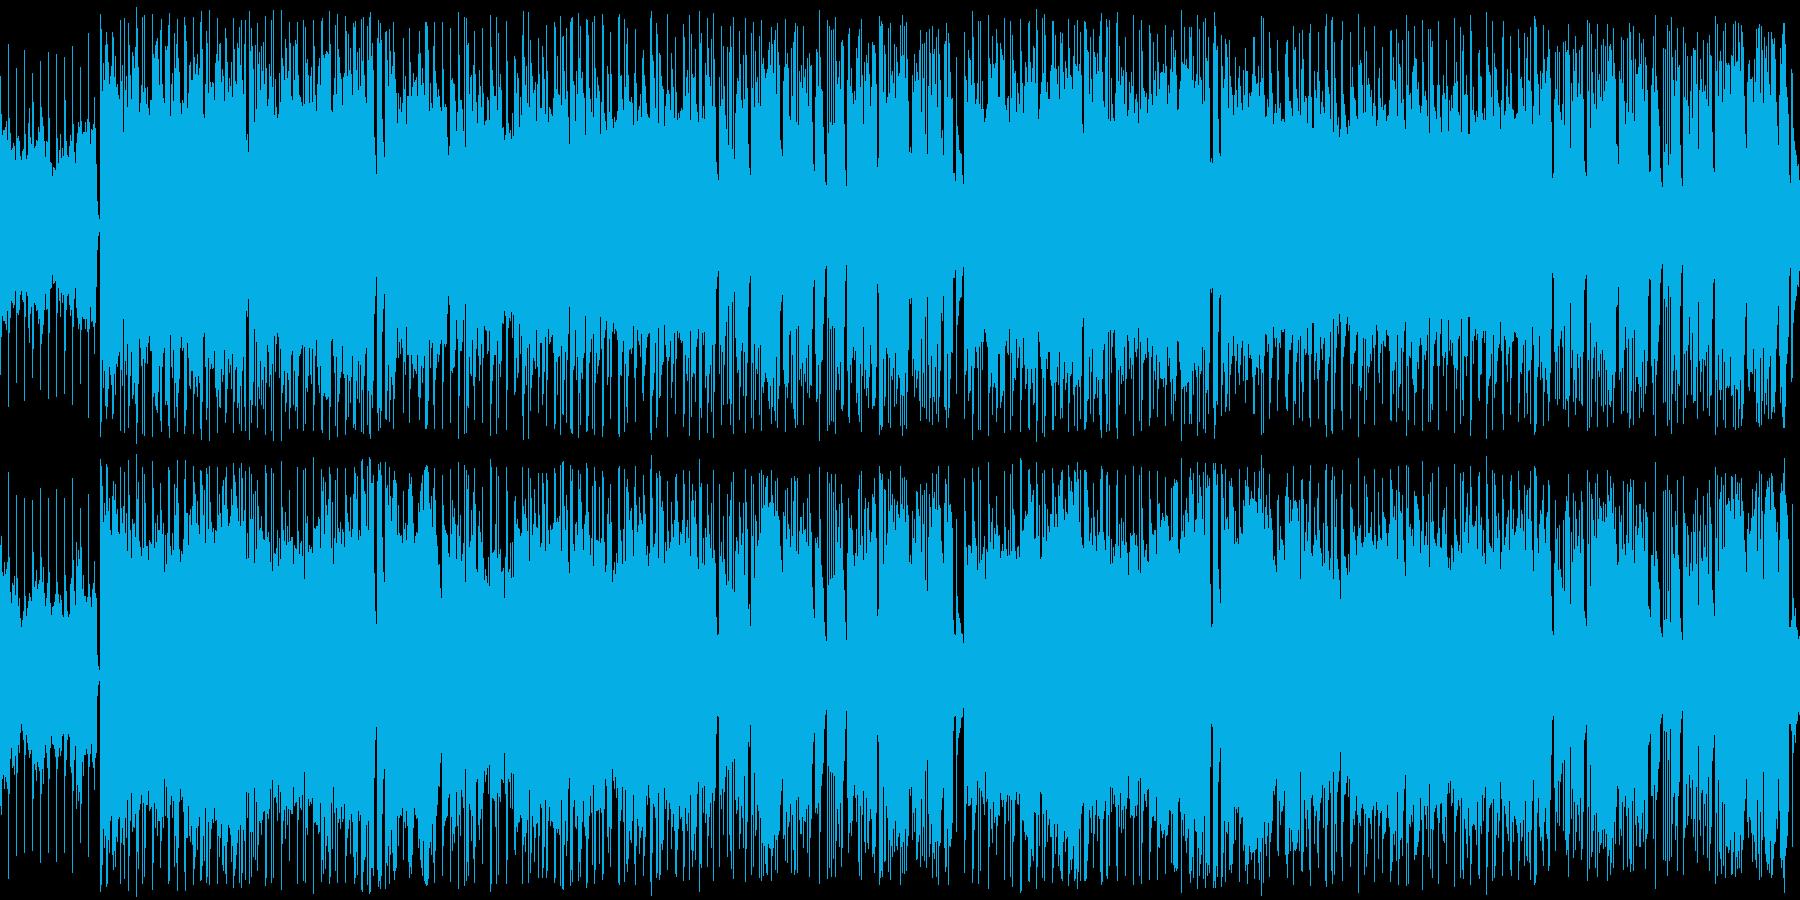 ゴージャスな雰囲気のインスト楽曲ループの再生済みの波形